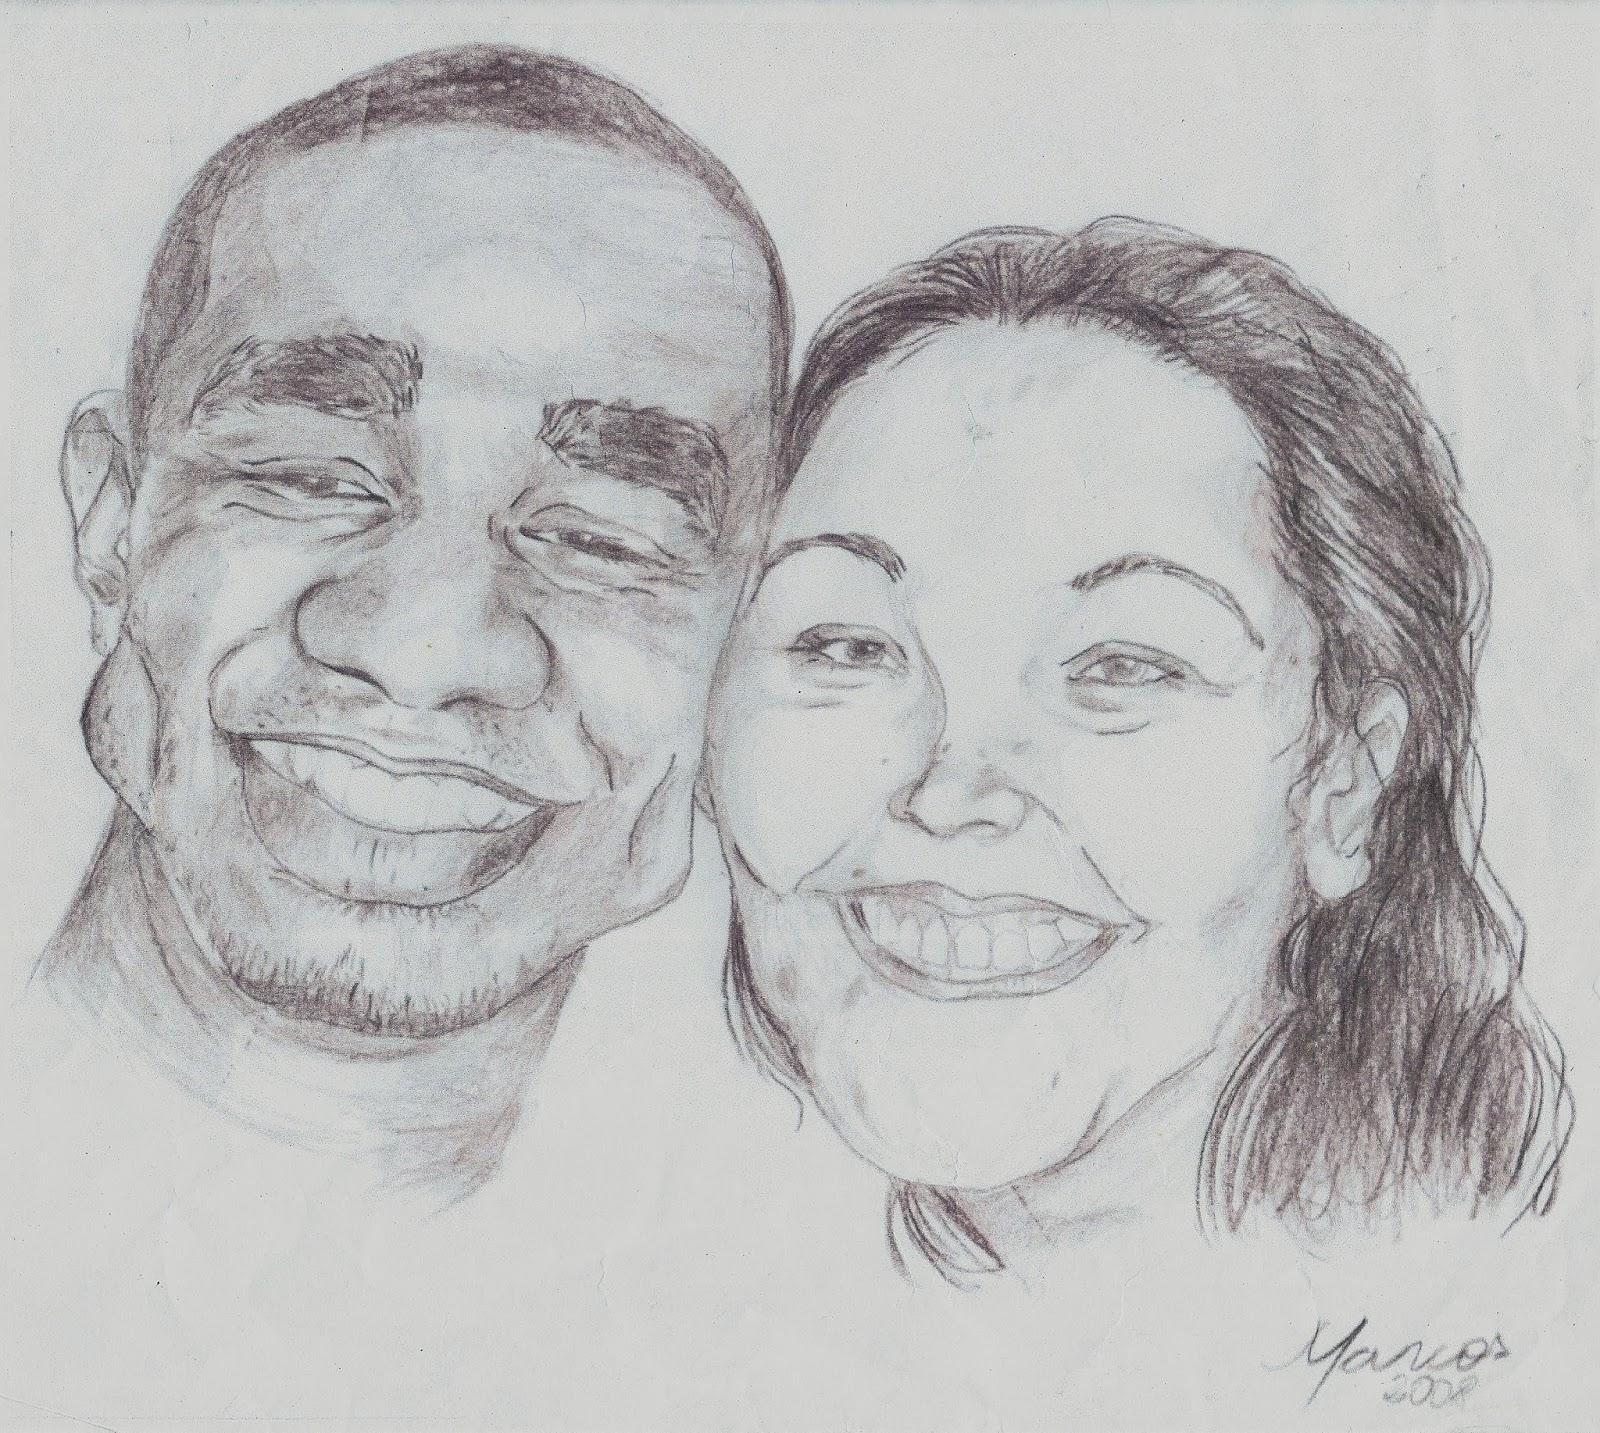 Caricaturas a lápis de casal de amigos.